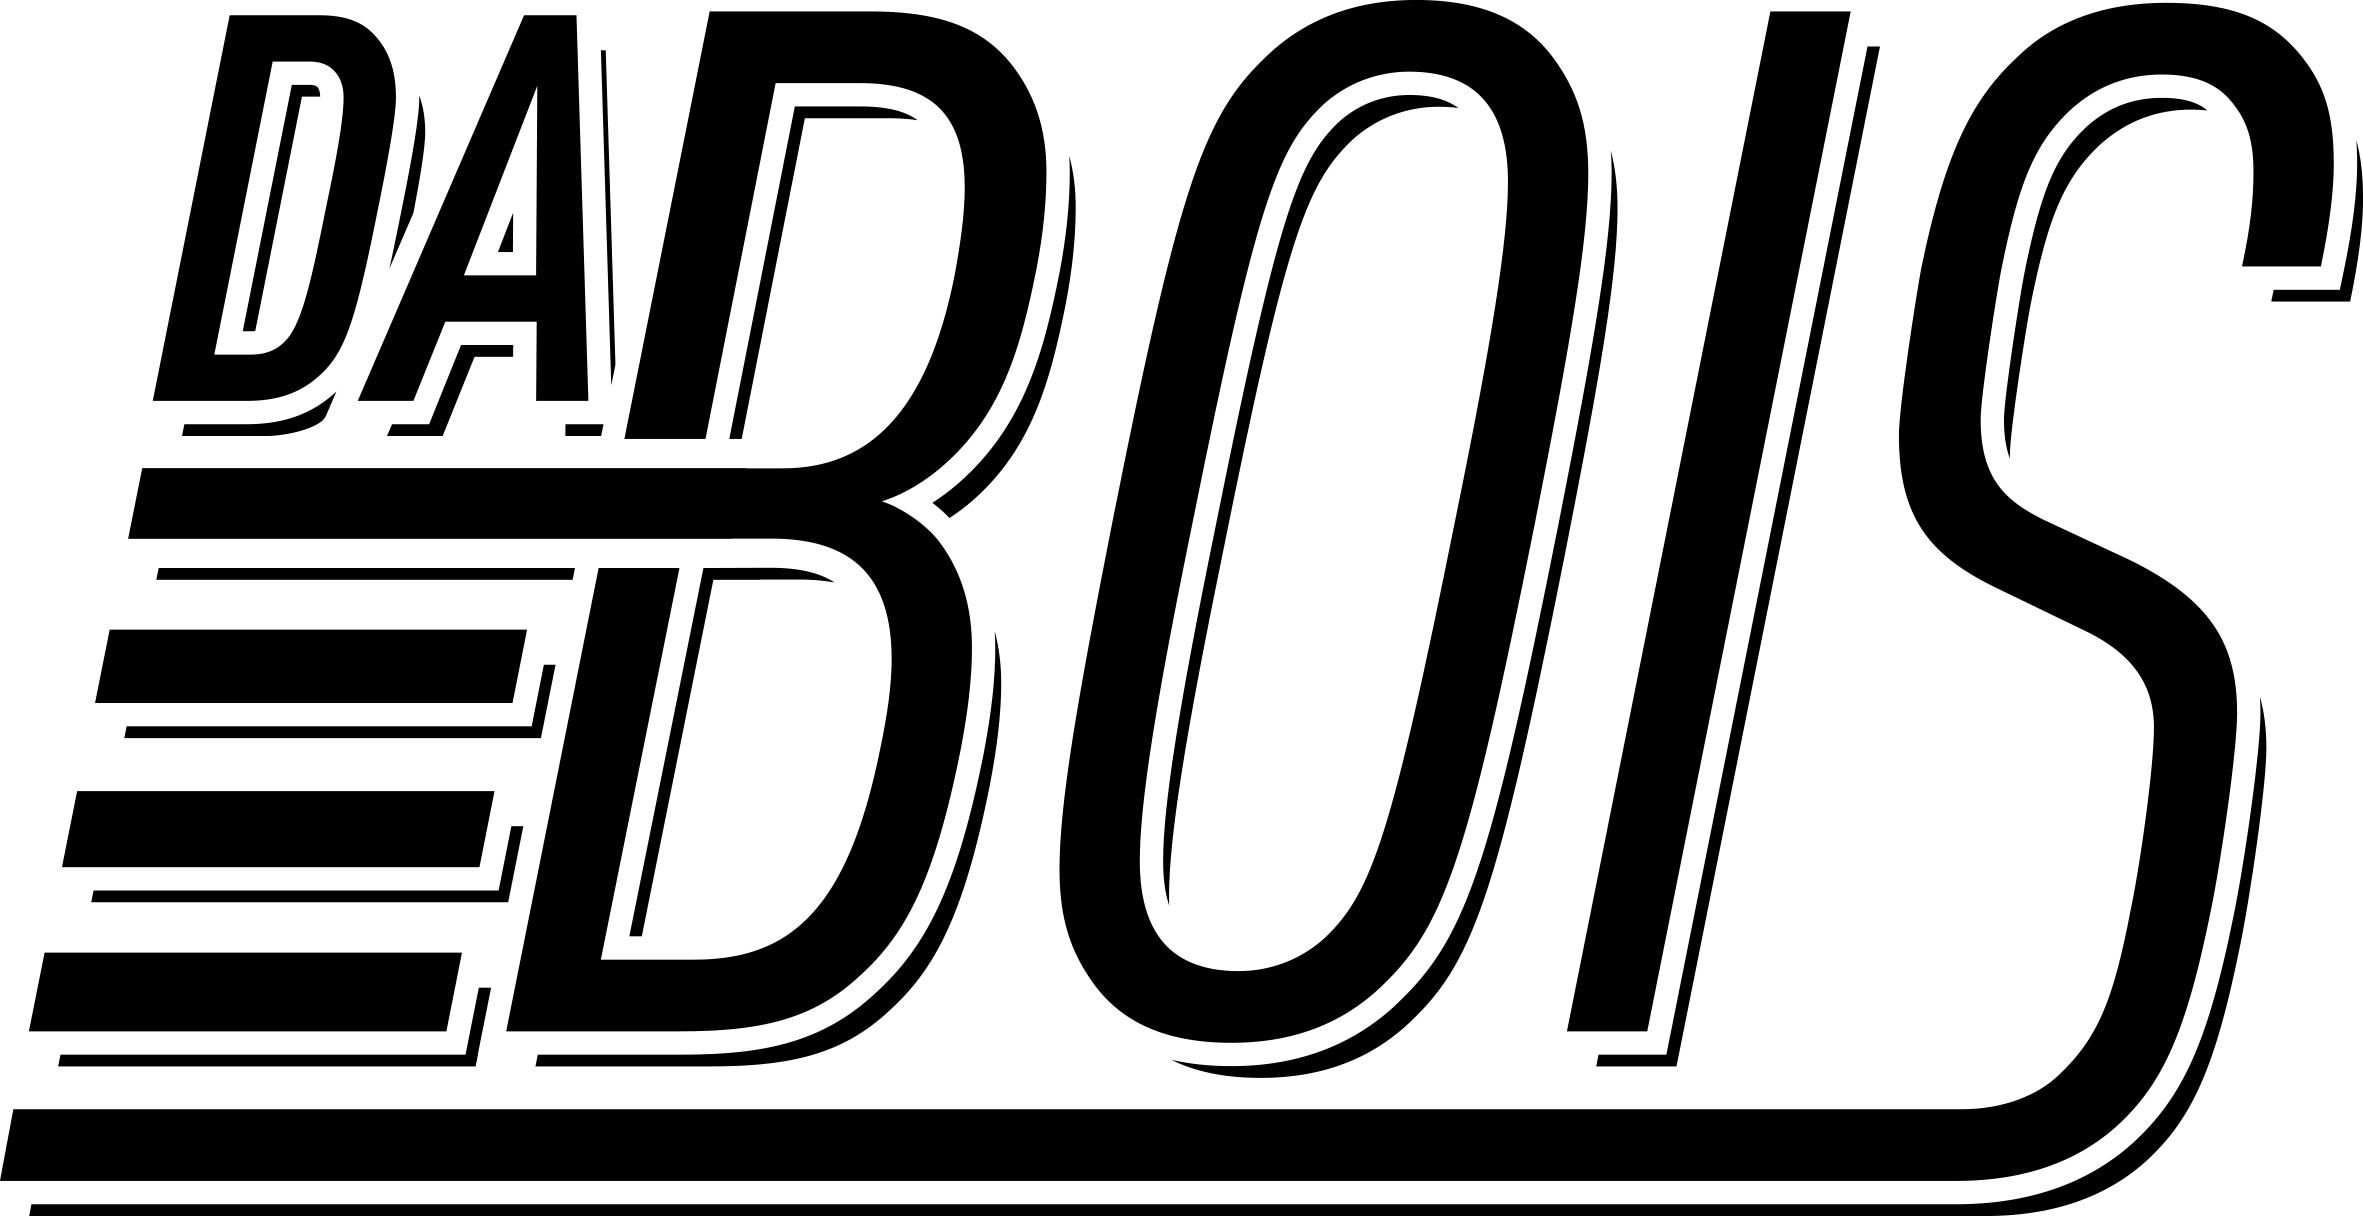 13796_da_bois_logo.jpg